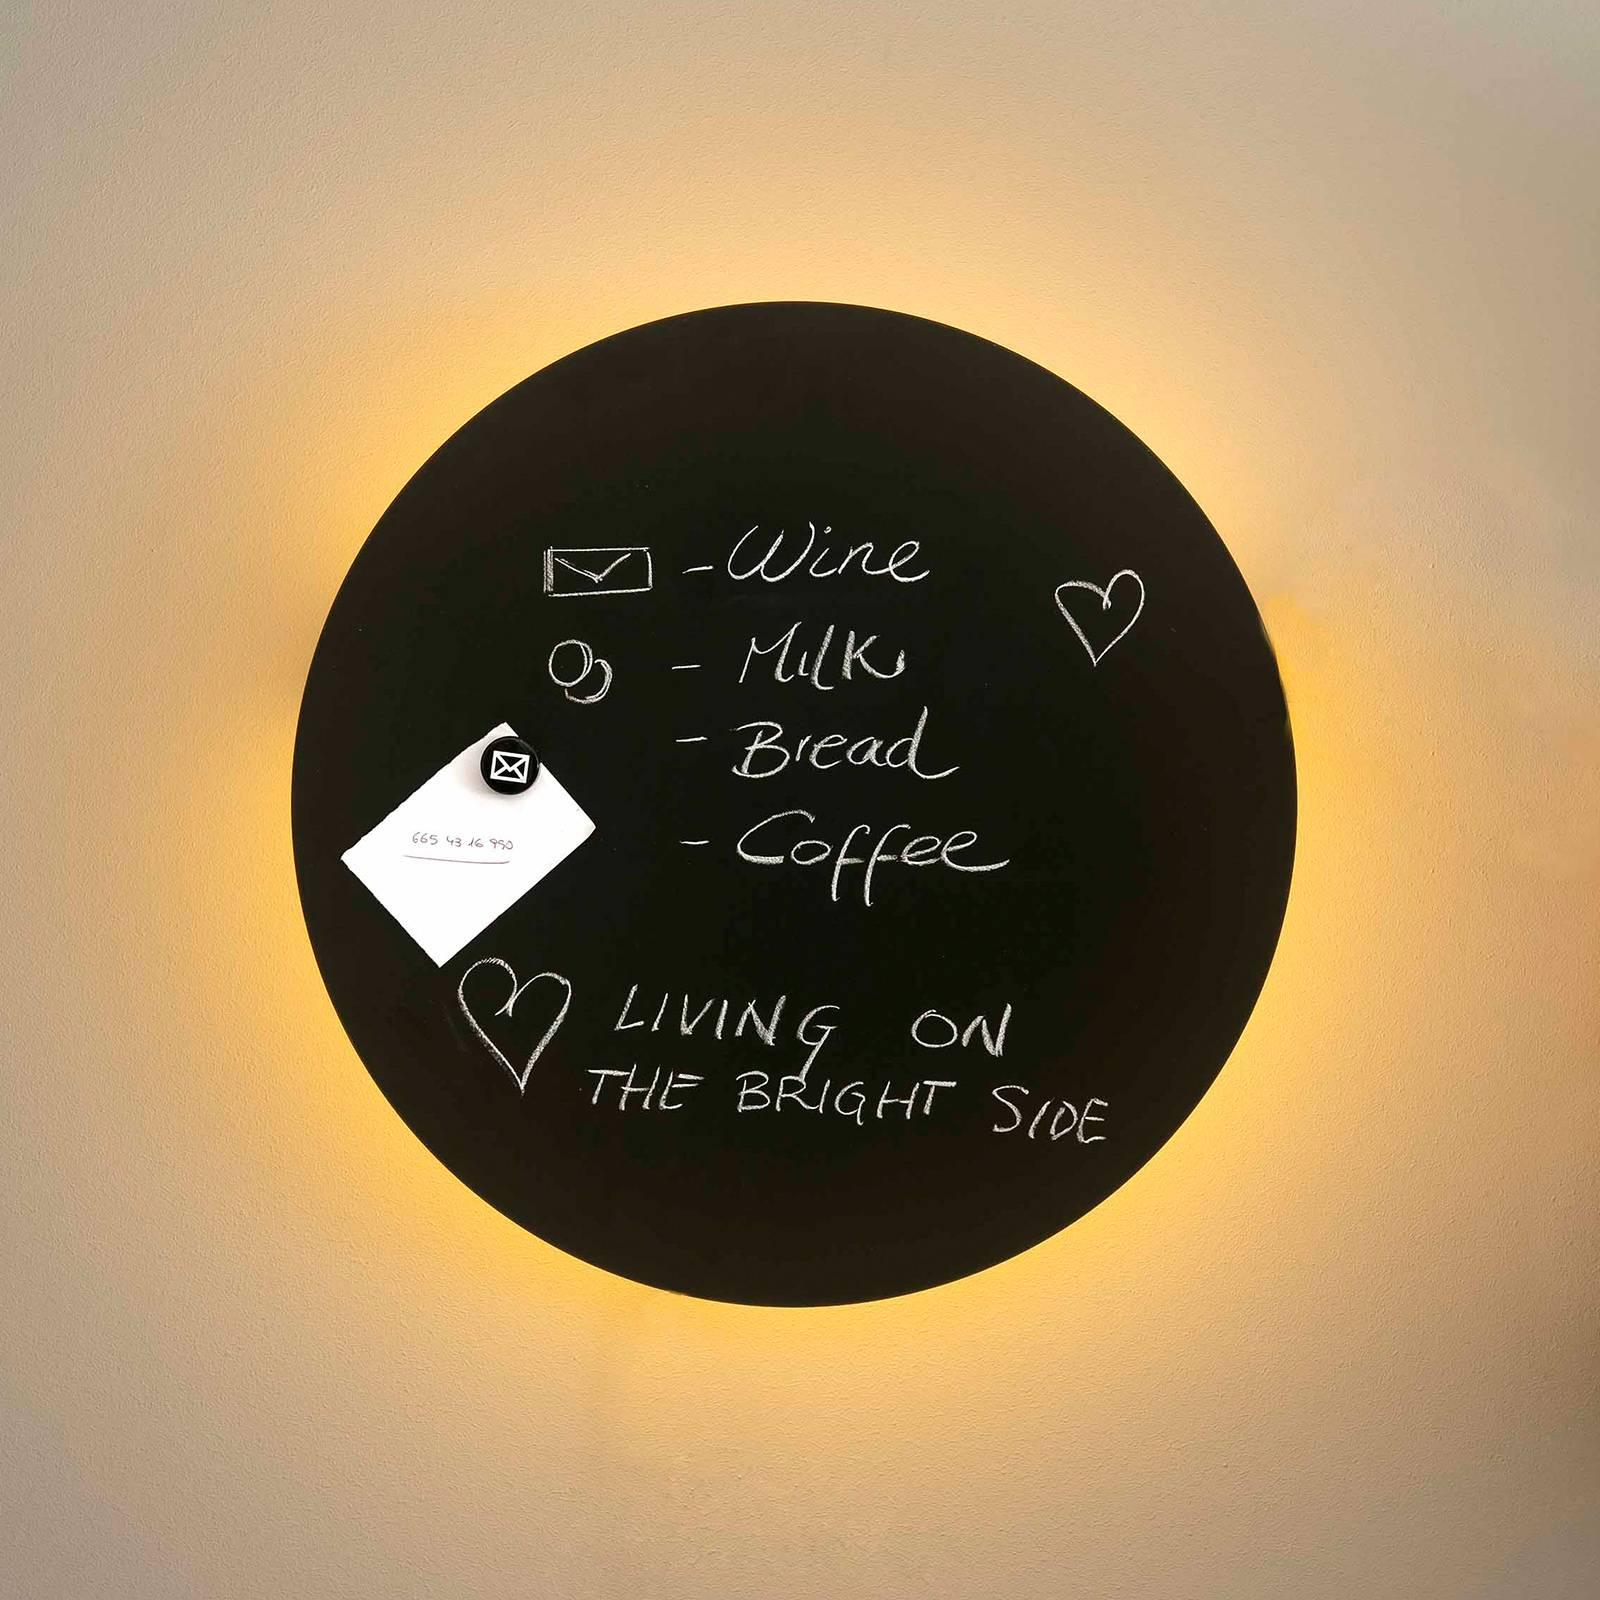 Wandlamp Board met LEDs, beschrijfbaar, 45 cm